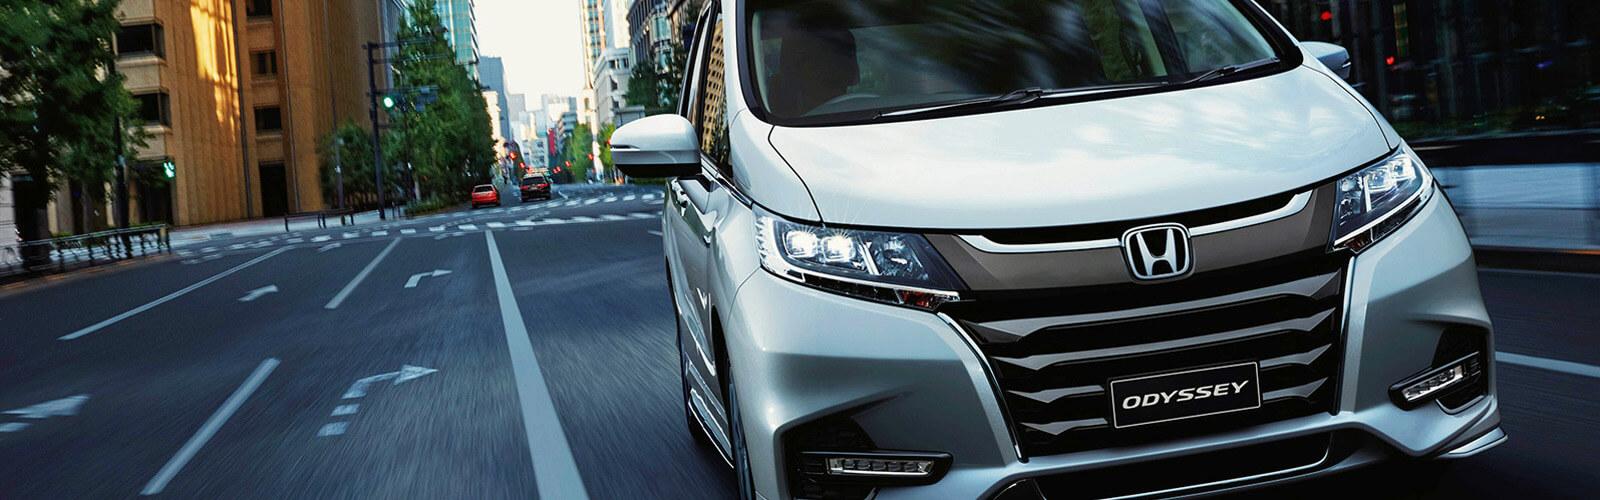 New Honda Odyssey For Sale In Rockhampton Dc Motors Honda